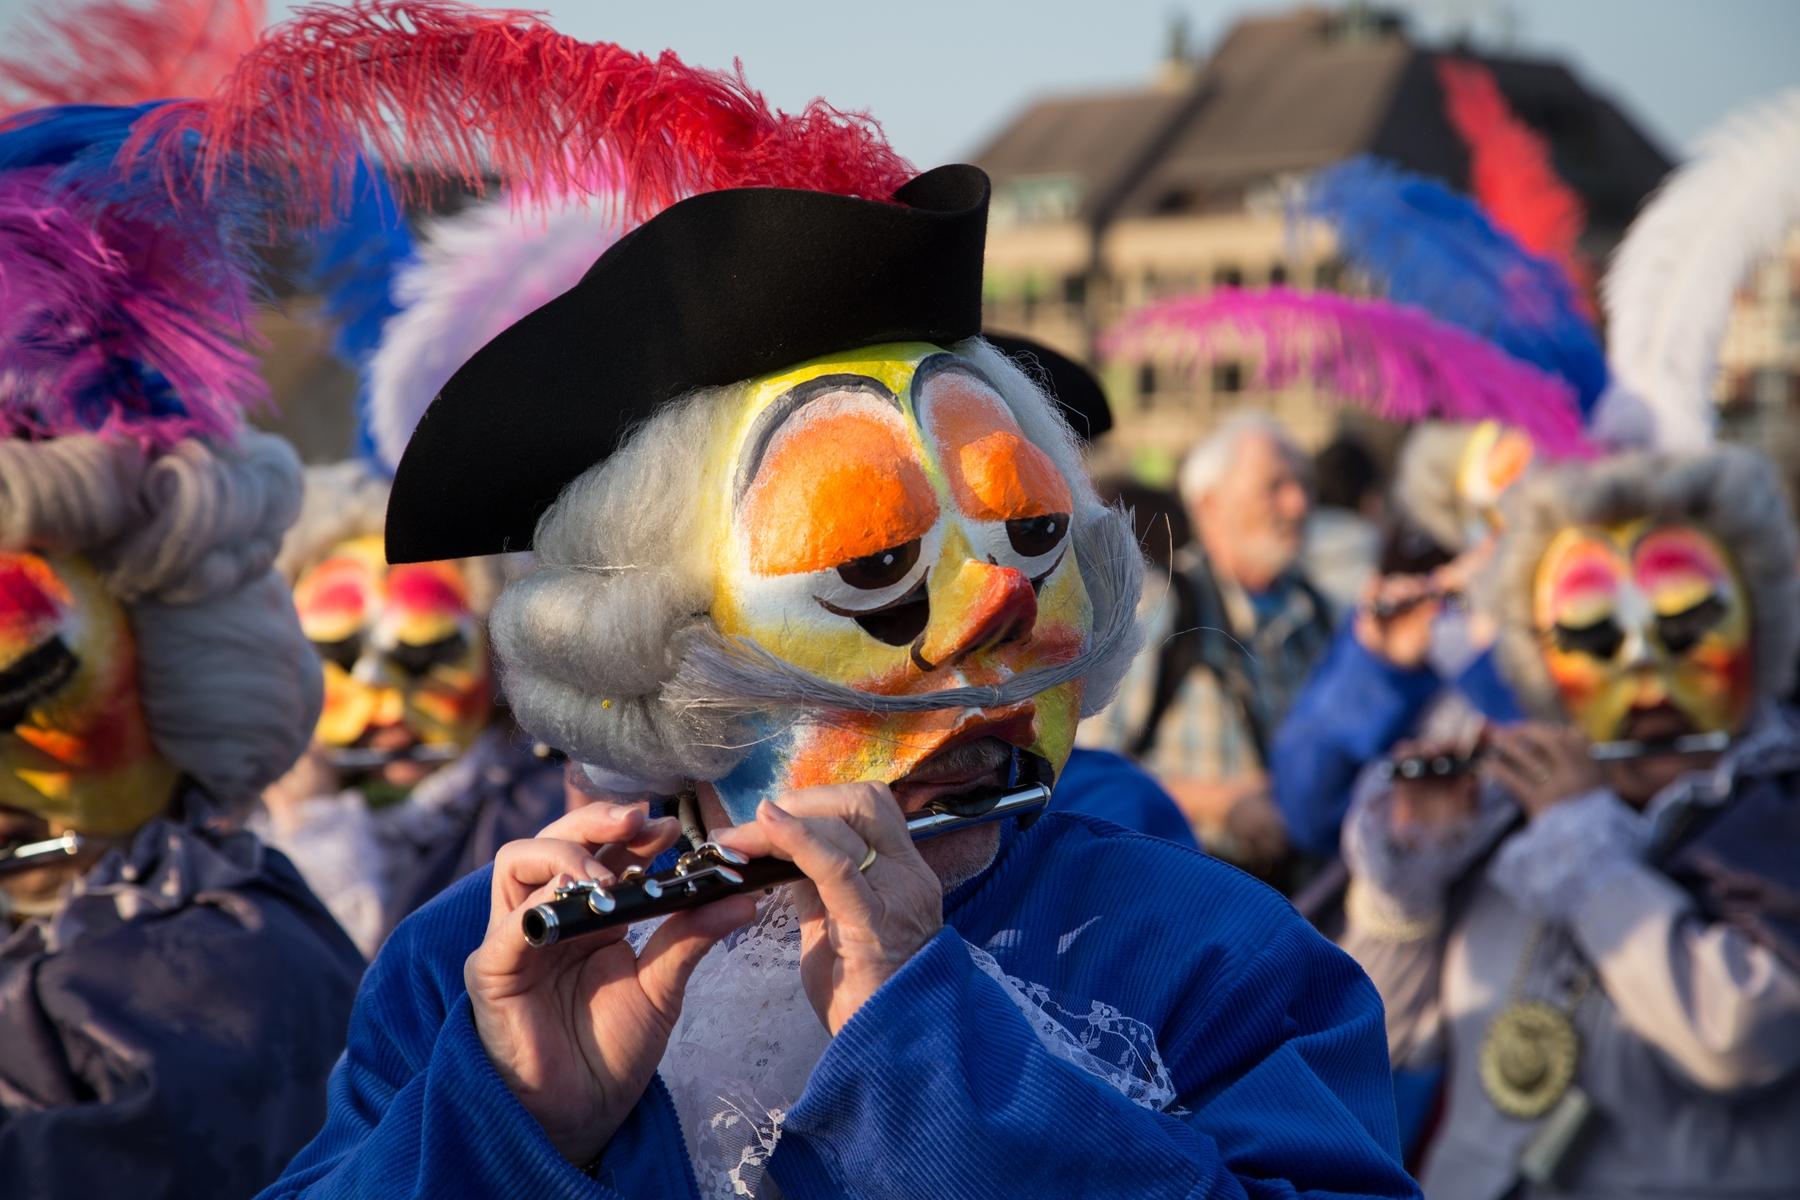 Даты карнавала Фастнахт в Германии в 2020 году